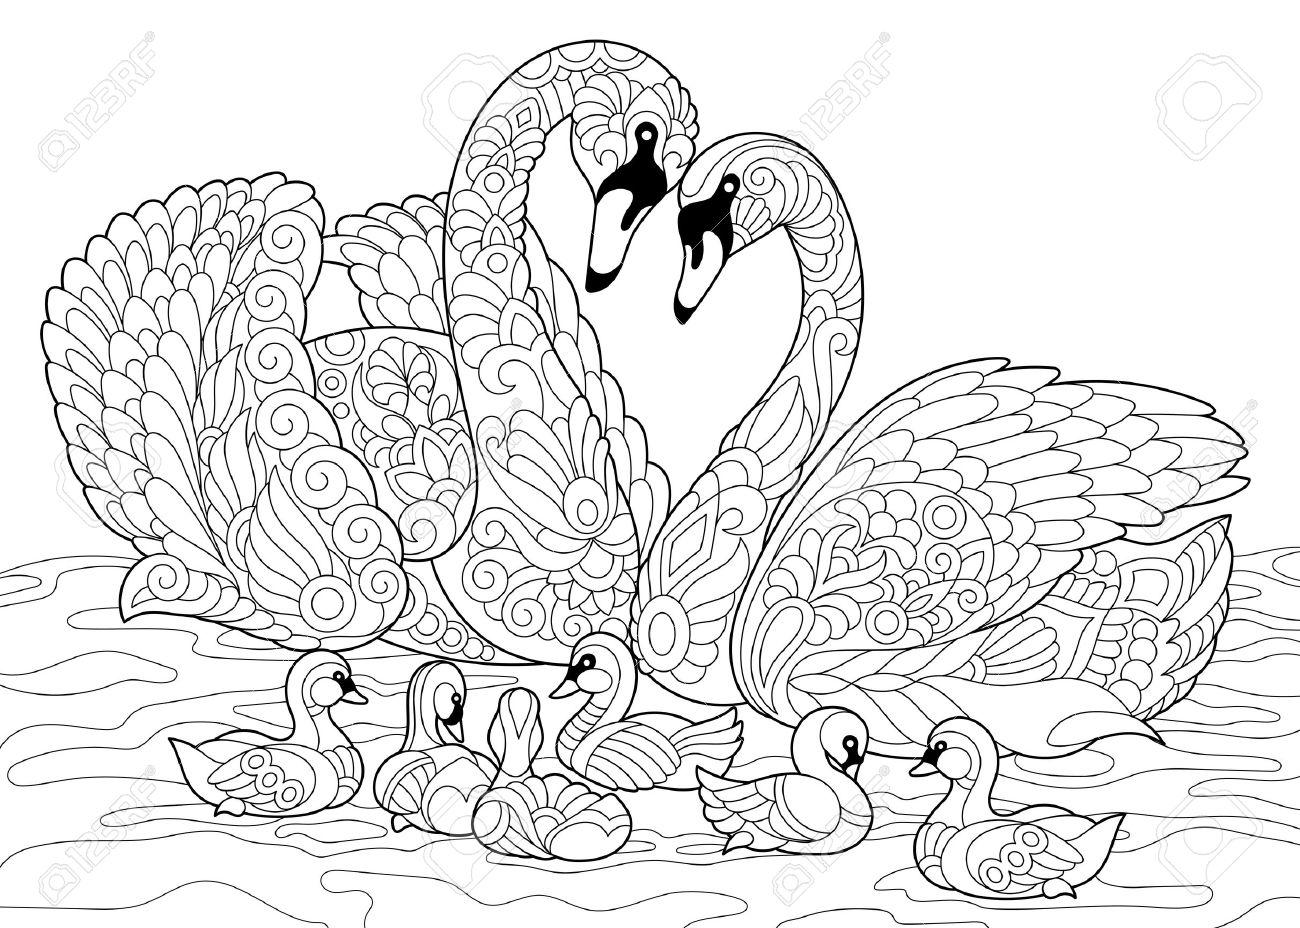 Página Del Libro Para Colorear De La Familia De Los Pájaros Del Cisne Dibujo De Bosquejo A Mano Alzada Para El Colorante Antistress Adulto Con